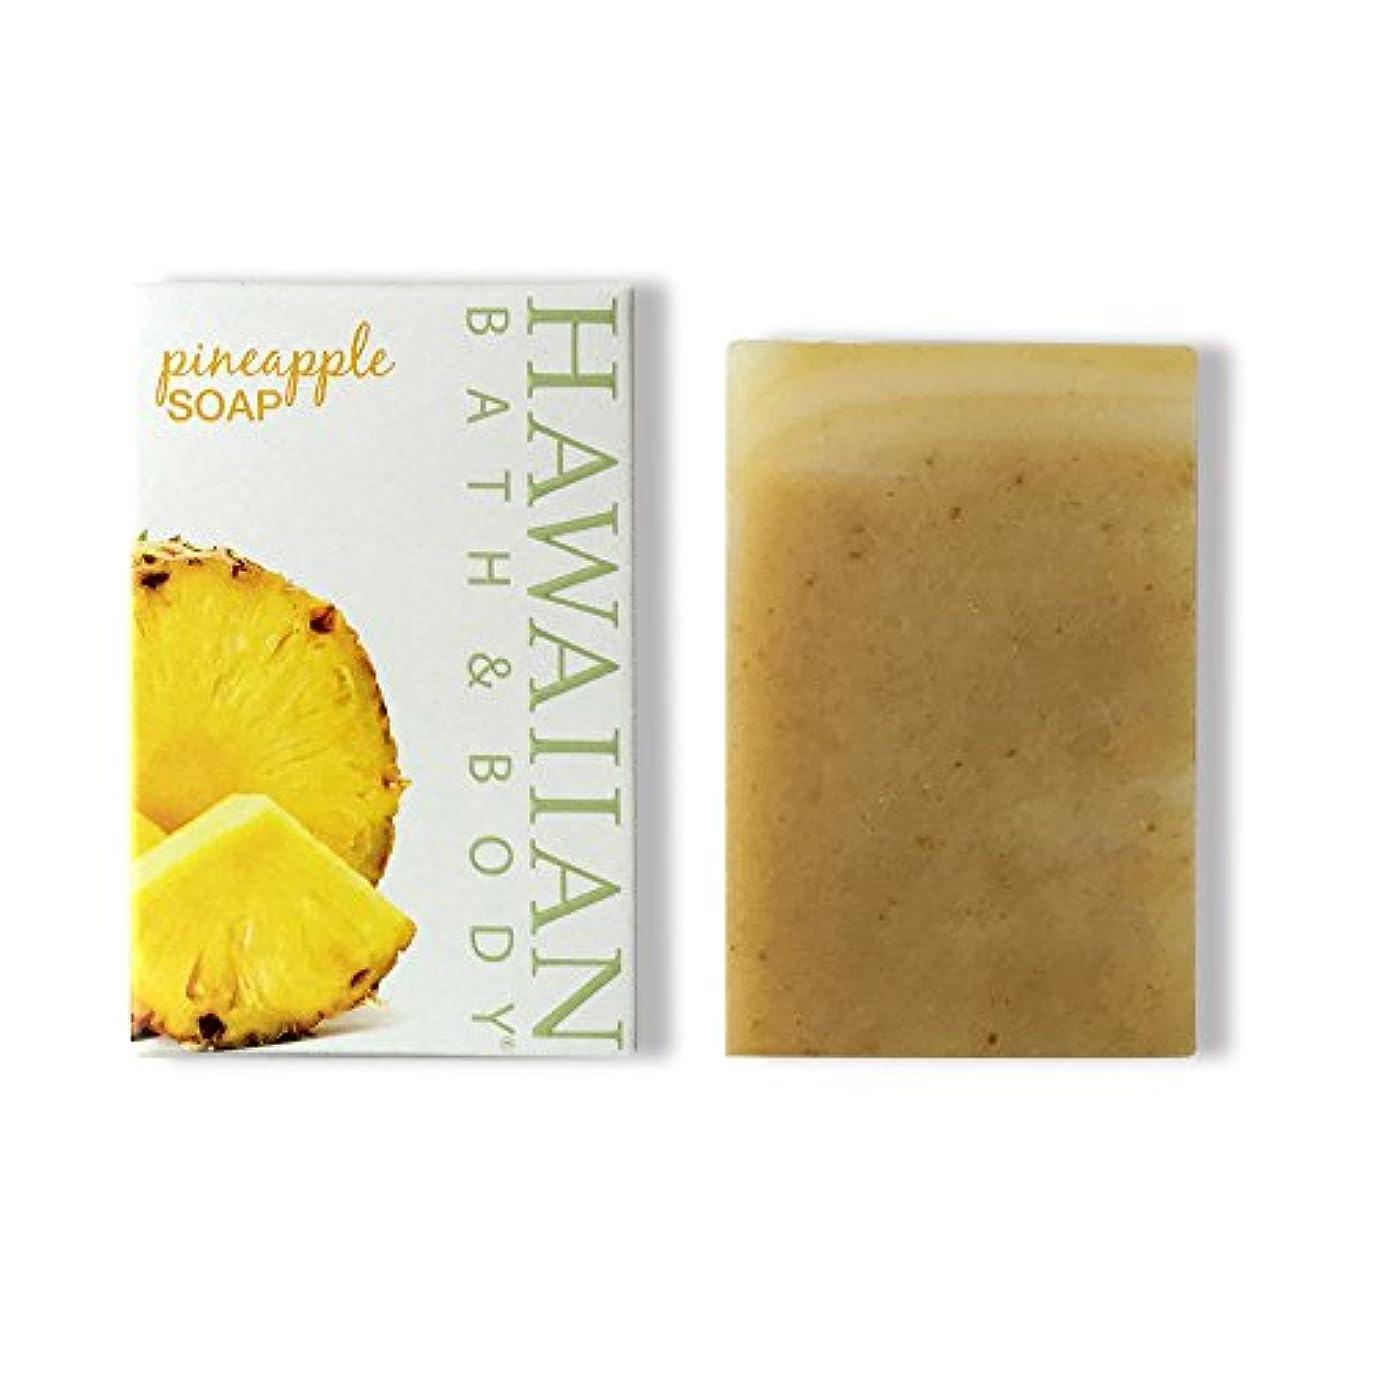 満足させるフェザーレイアウトハワイアンバス&ボディ ハワイ?パイナップルソープ ( Pineapple Soap )